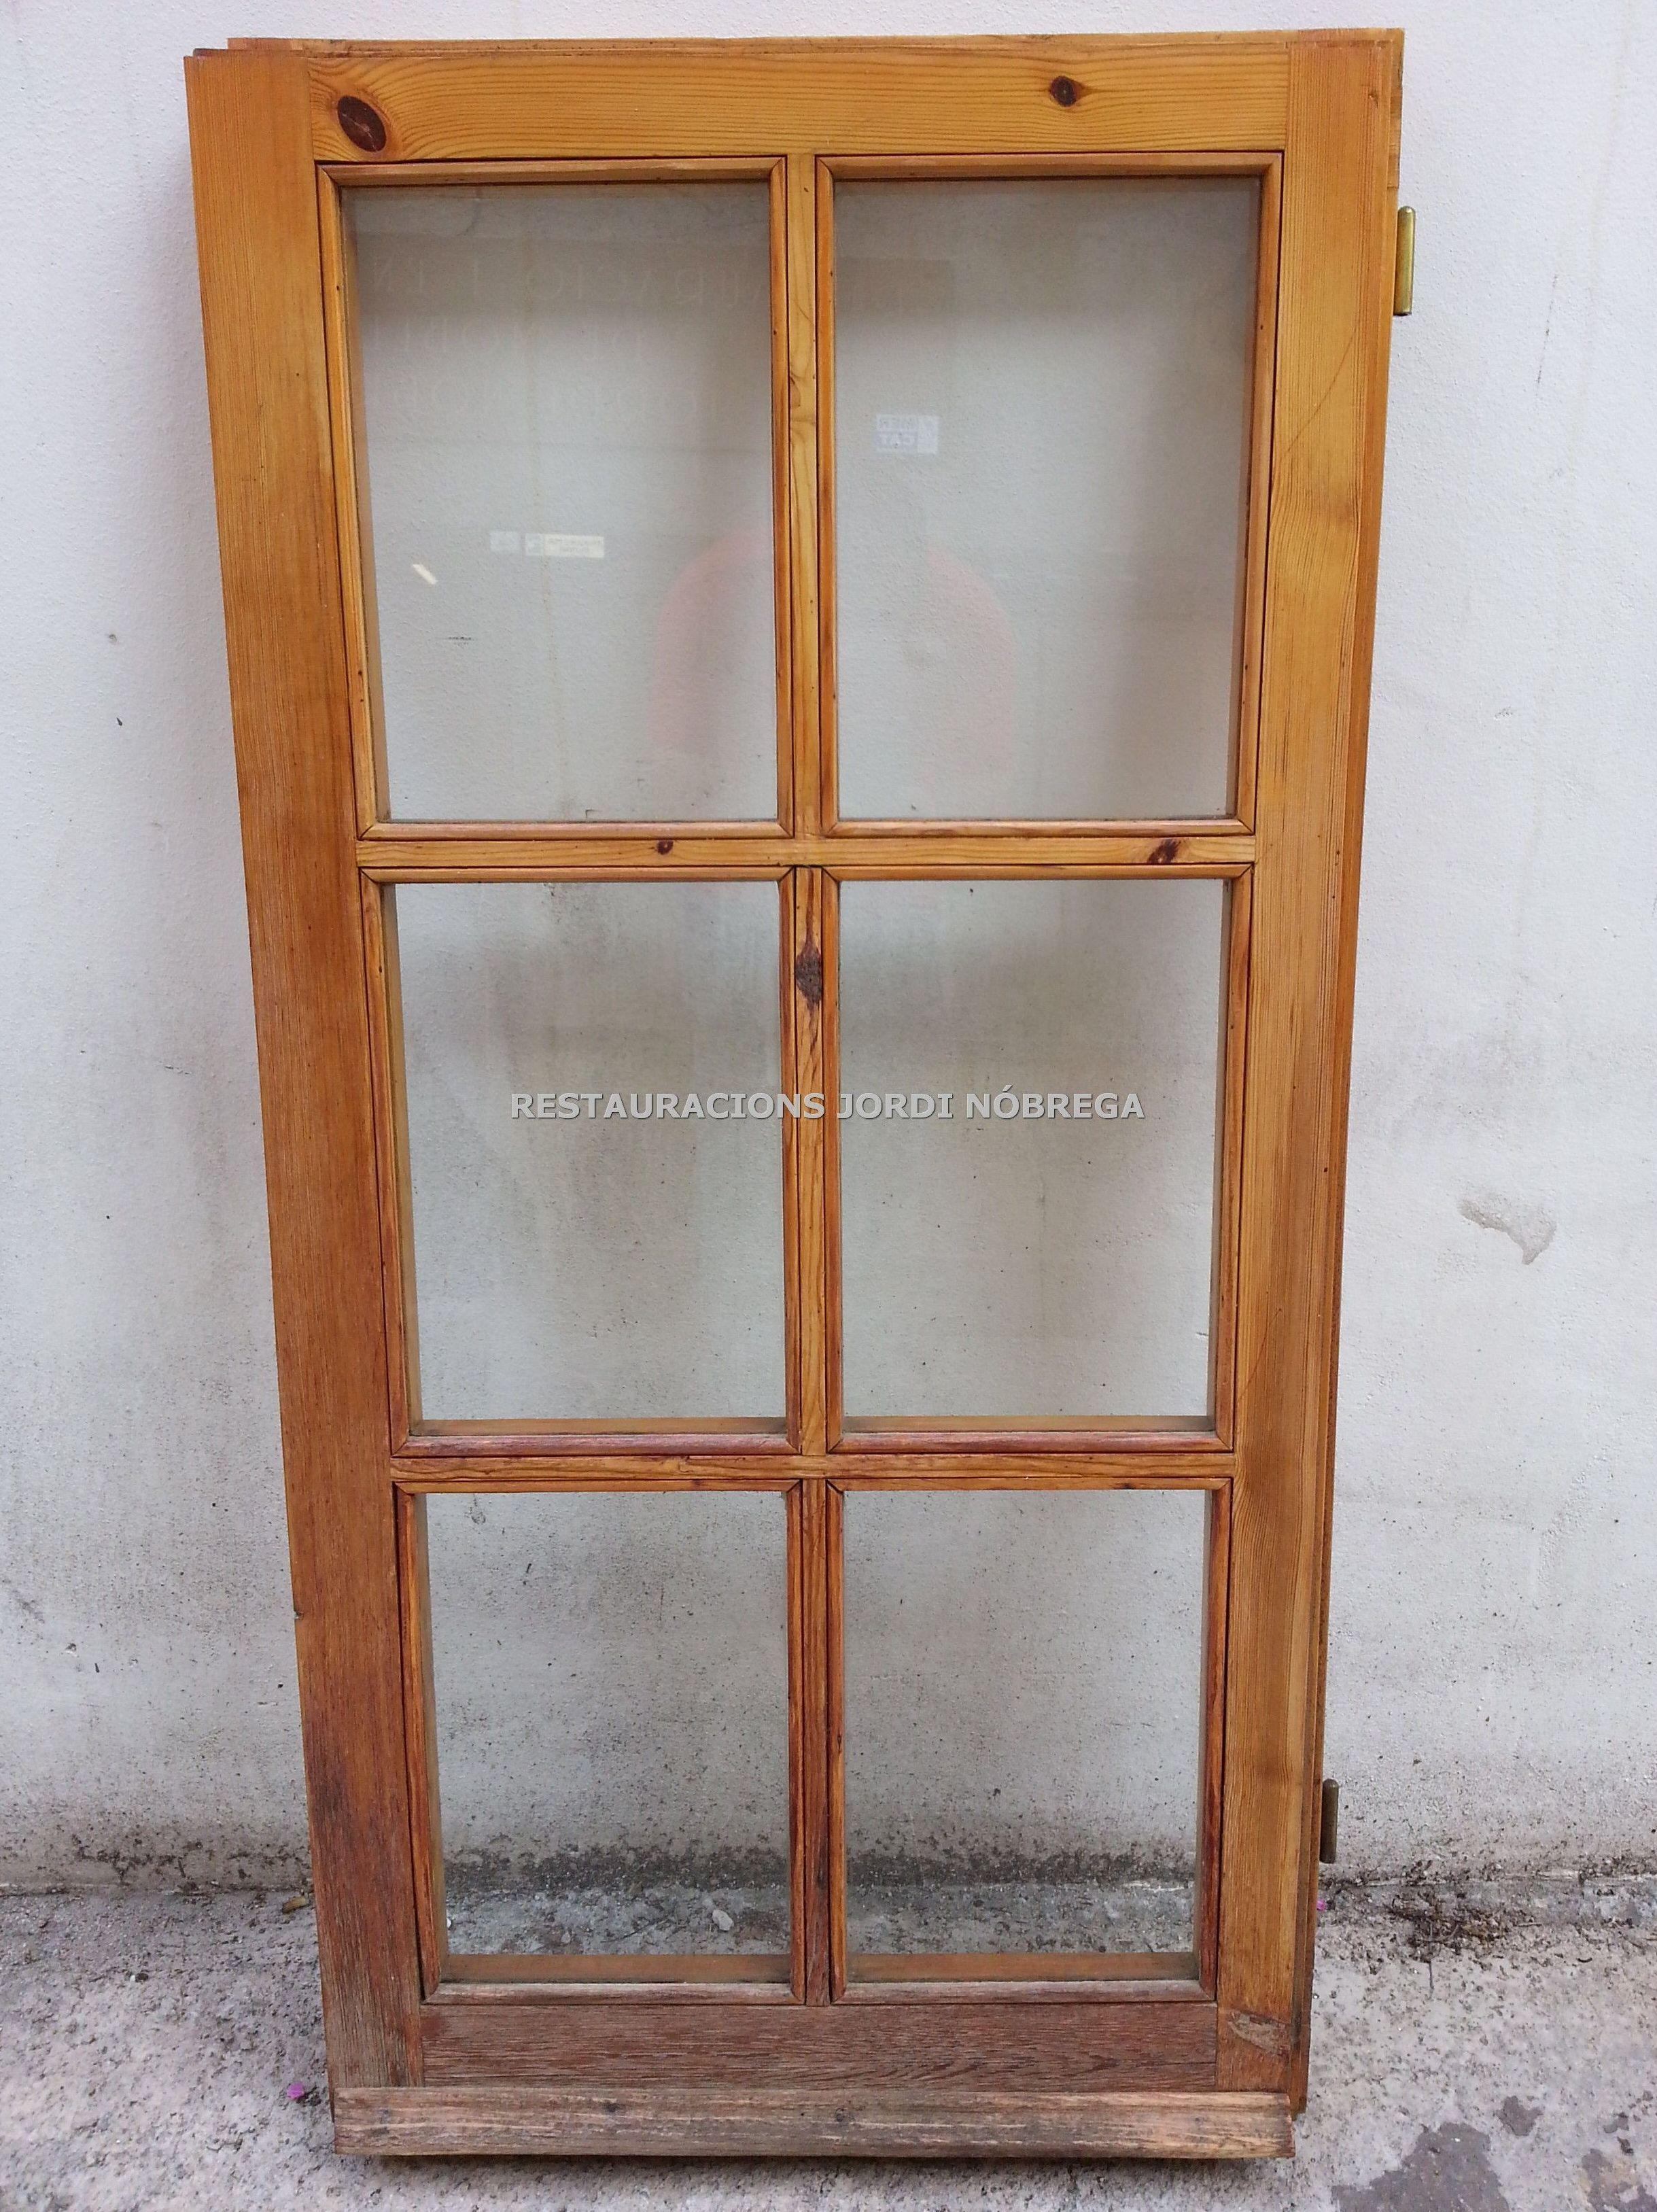 Restauración de balconeras y ventanas en el Maresme: Nuestros trabajos de Jordi Nóbrega Restauracions